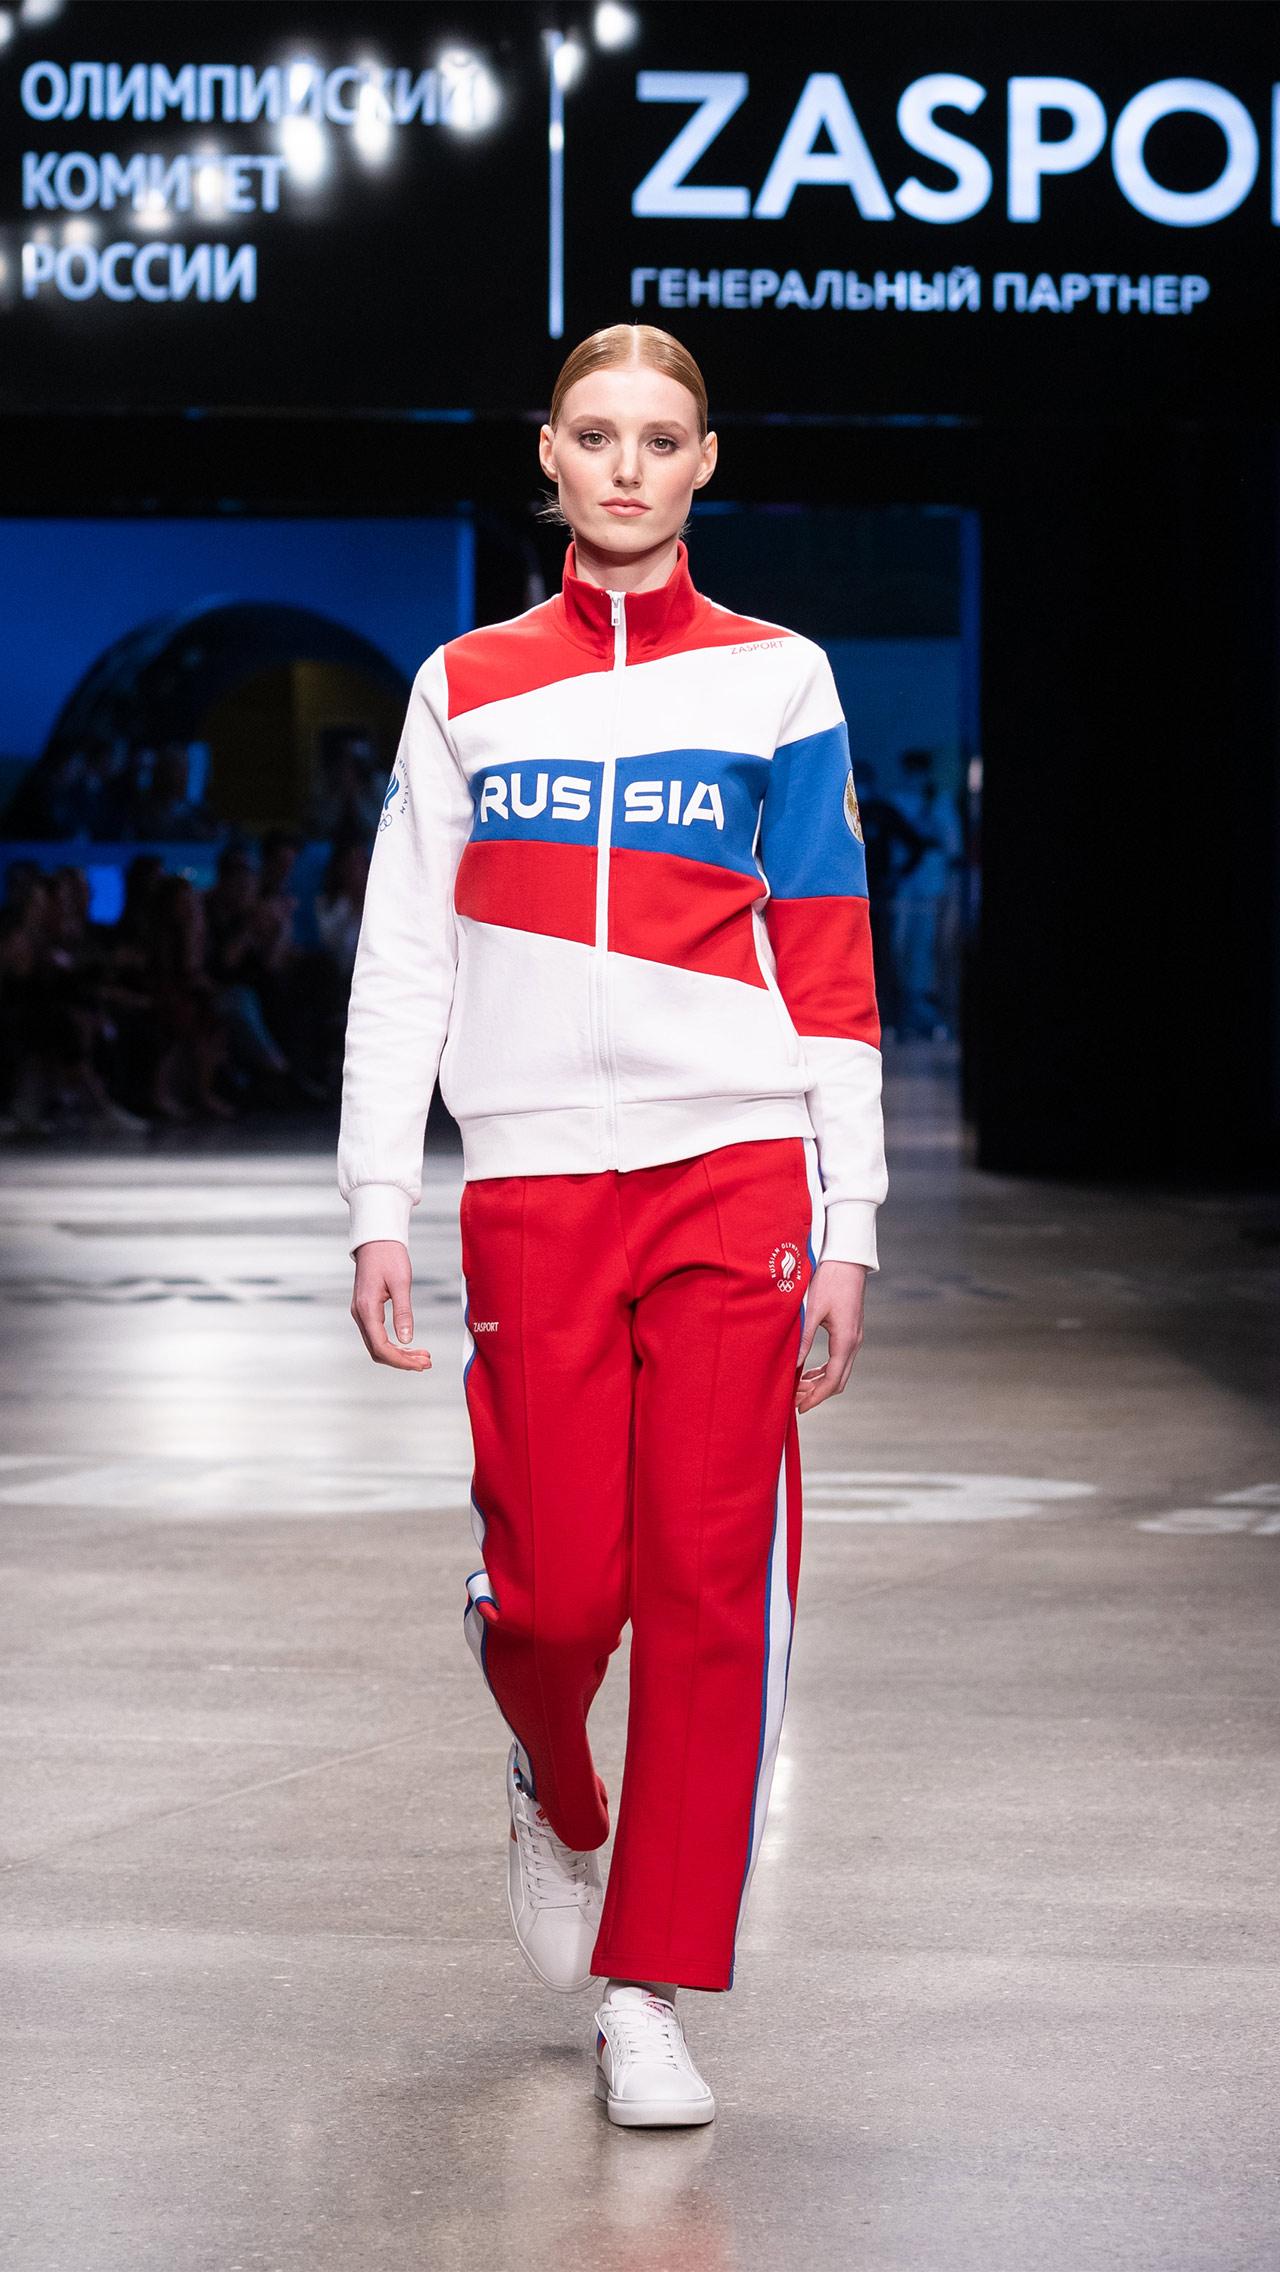 Общее внимание привлёк один вариант костюмов: на белом фоне размещены крупные вставки треугольной формы – синяя и красная. Всё вместе очень похоже на российский триколор.